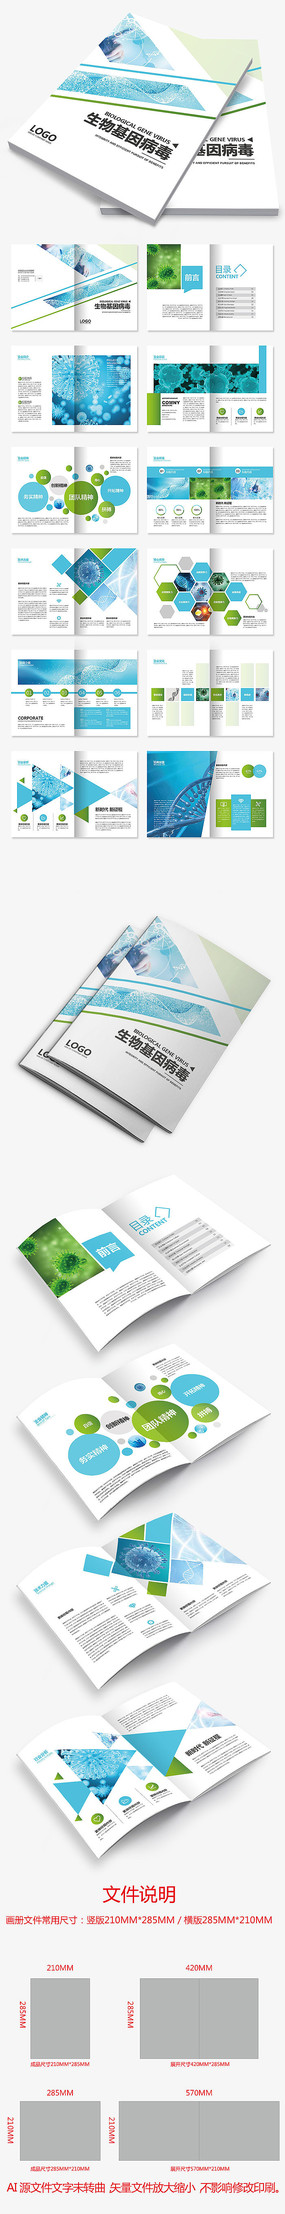 蓝绿色医疗医药医院生物科技画册